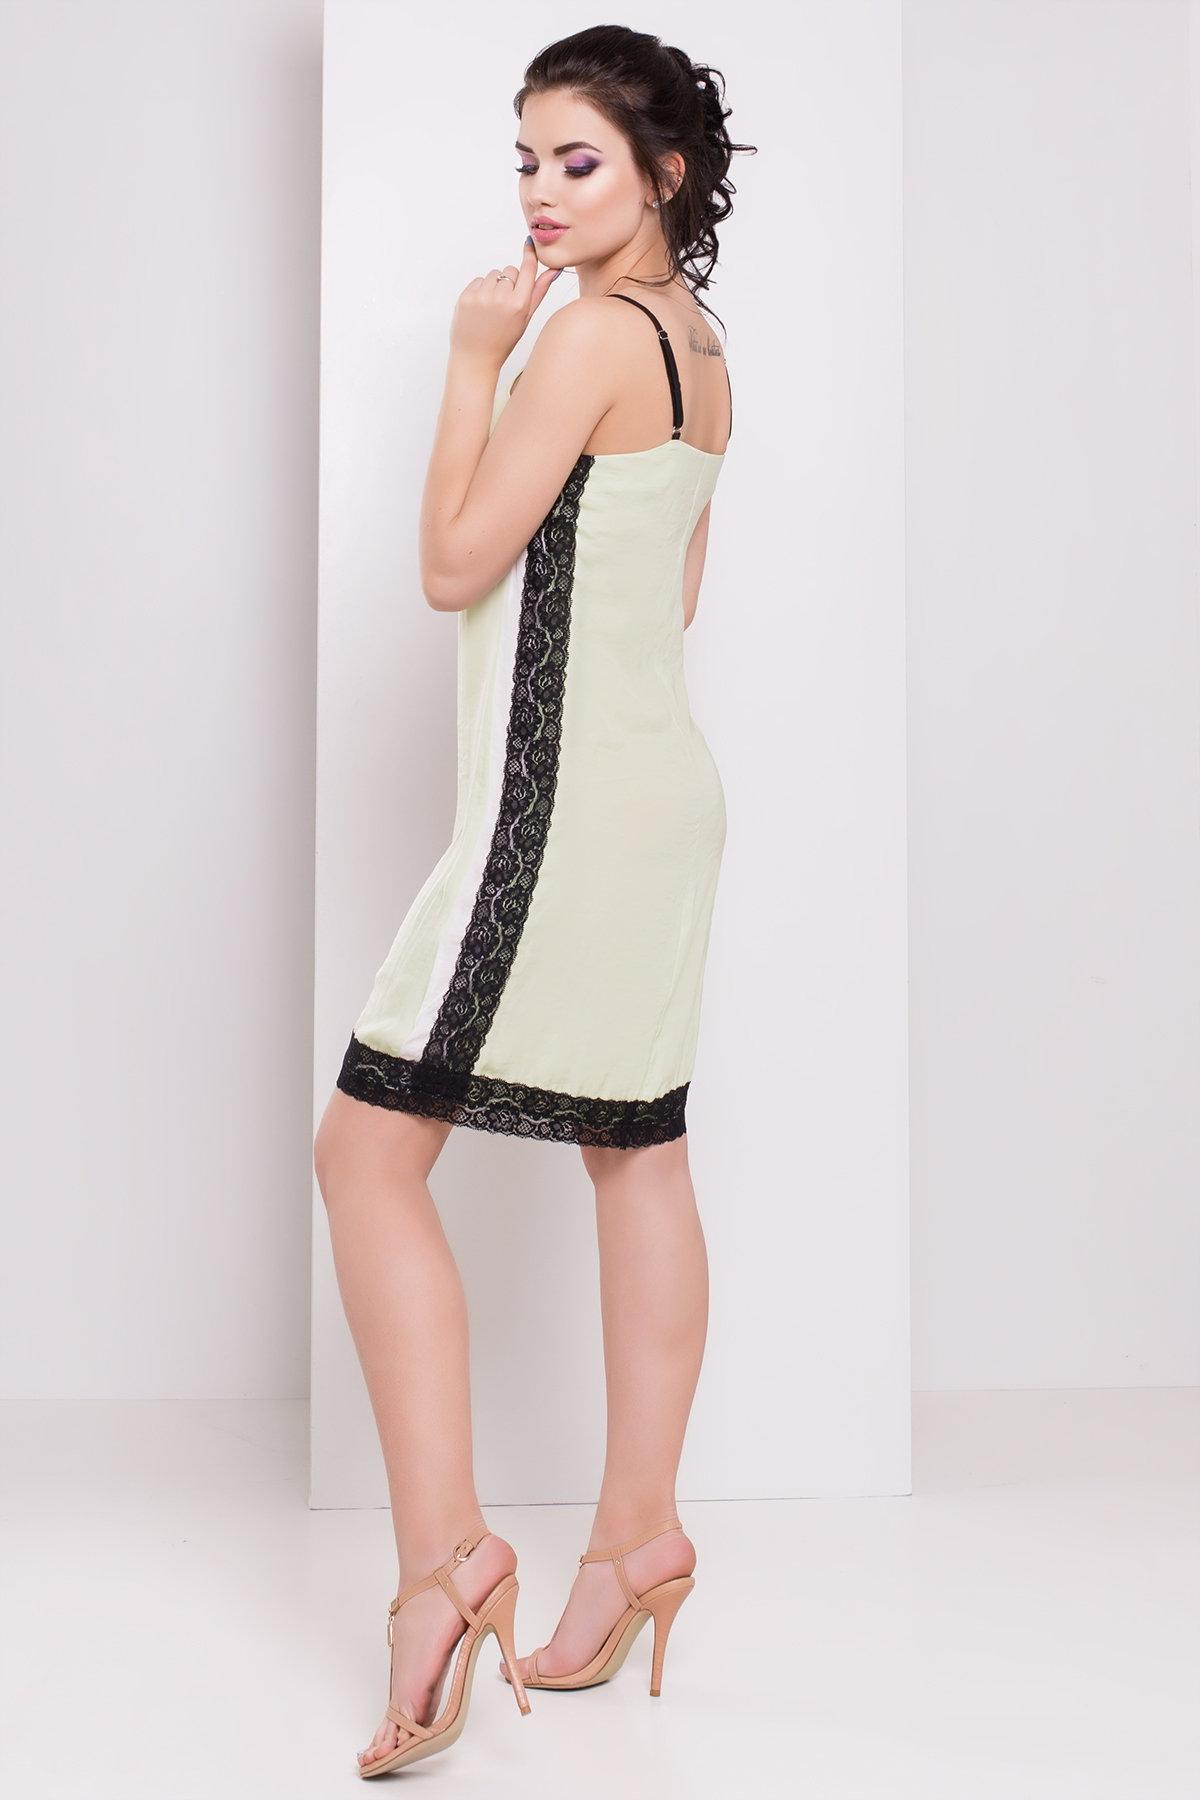 Платье Фелиса 3145 АРТ. 16228 Цвет: Яблоко - фото 2, интернет магазин tm-modus.ru